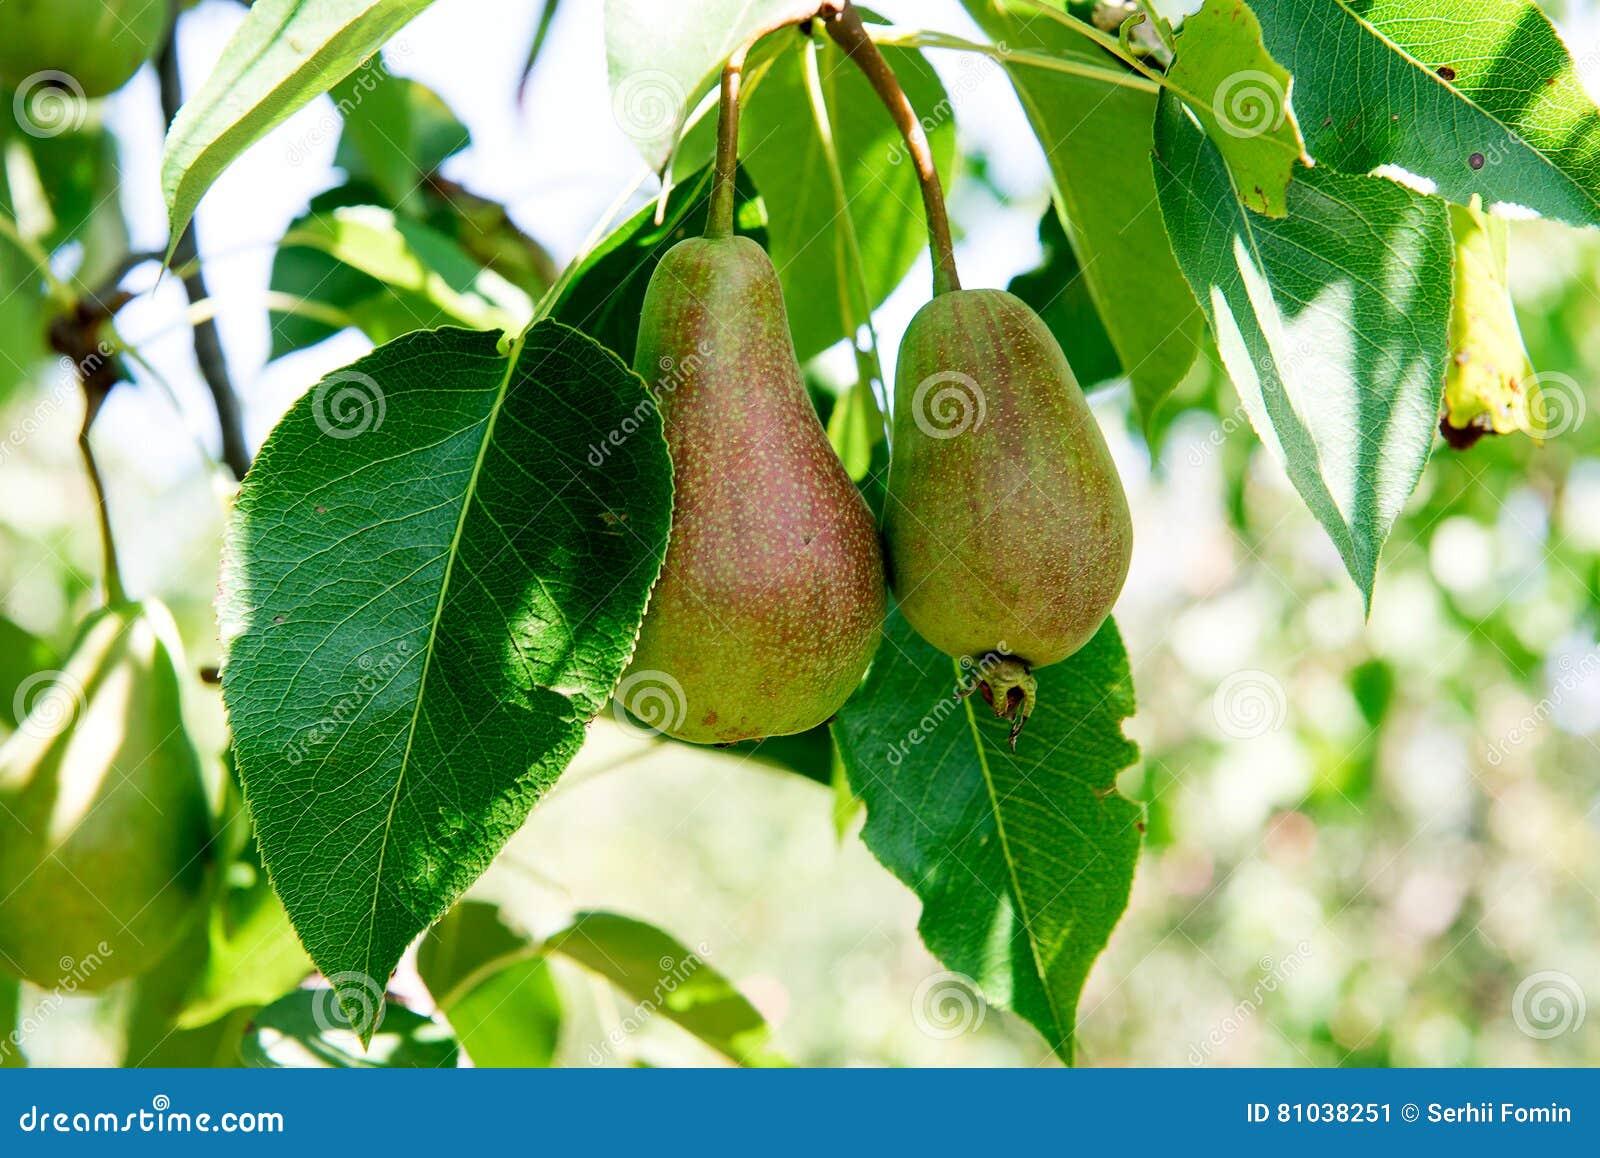 poirier avec les poires vertes poirier dans un jardin l 39 t porte des fruits jardin poires. Black Bedroom Furniture Sets. Home Design Ideas